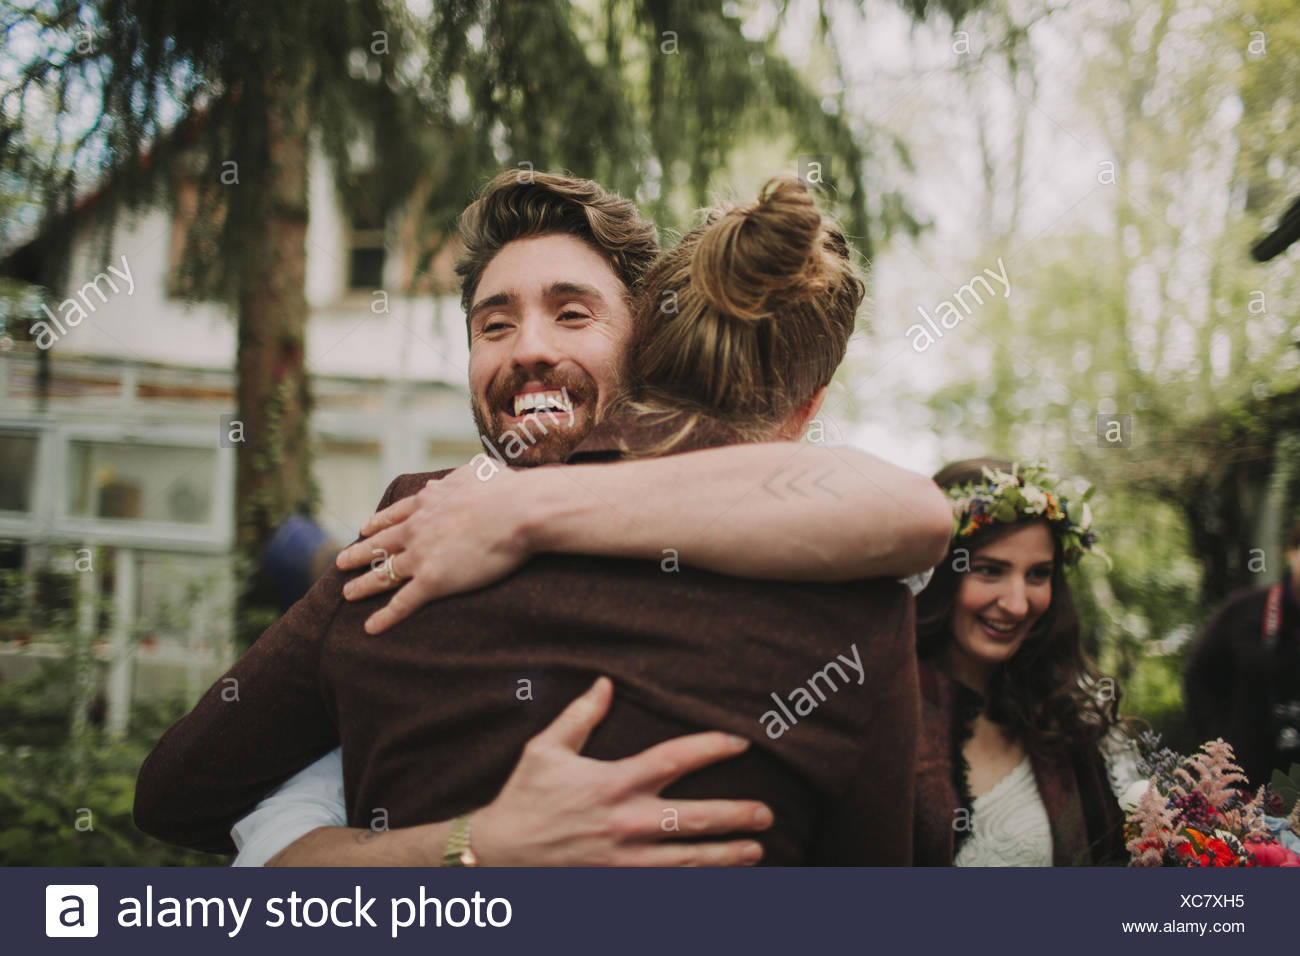 Alternative Hochzeit, Freund umarmt den Bräutigam Stockbild